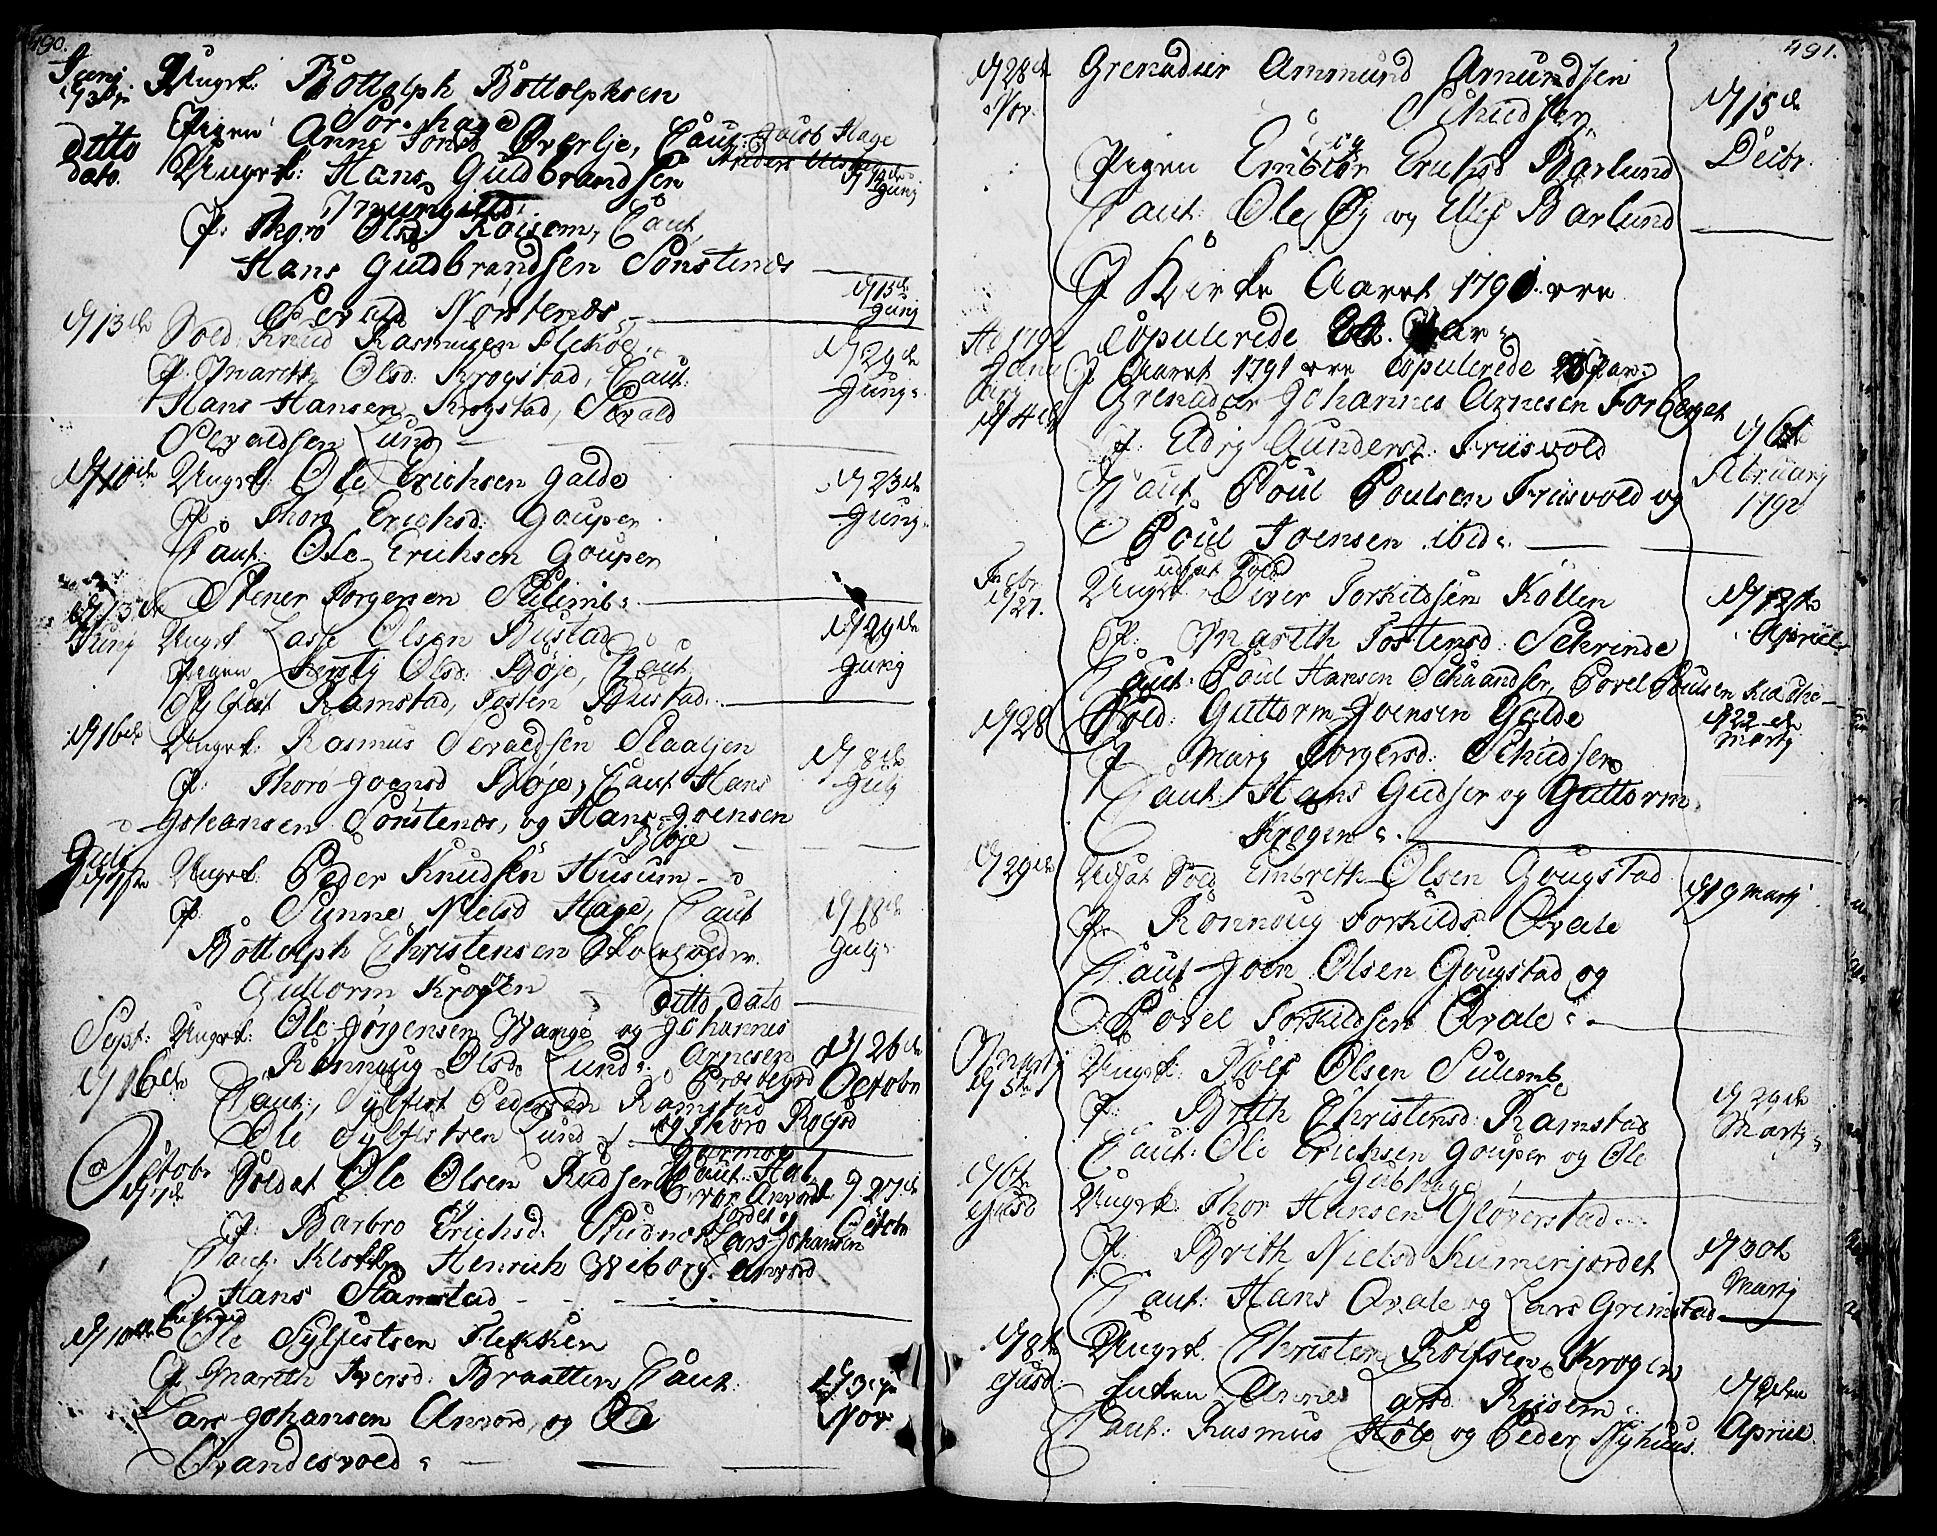 SAH, Lom prestekontor, K/L0002: Ministerialbok nr. 2, 1749-1801, s. 490-491